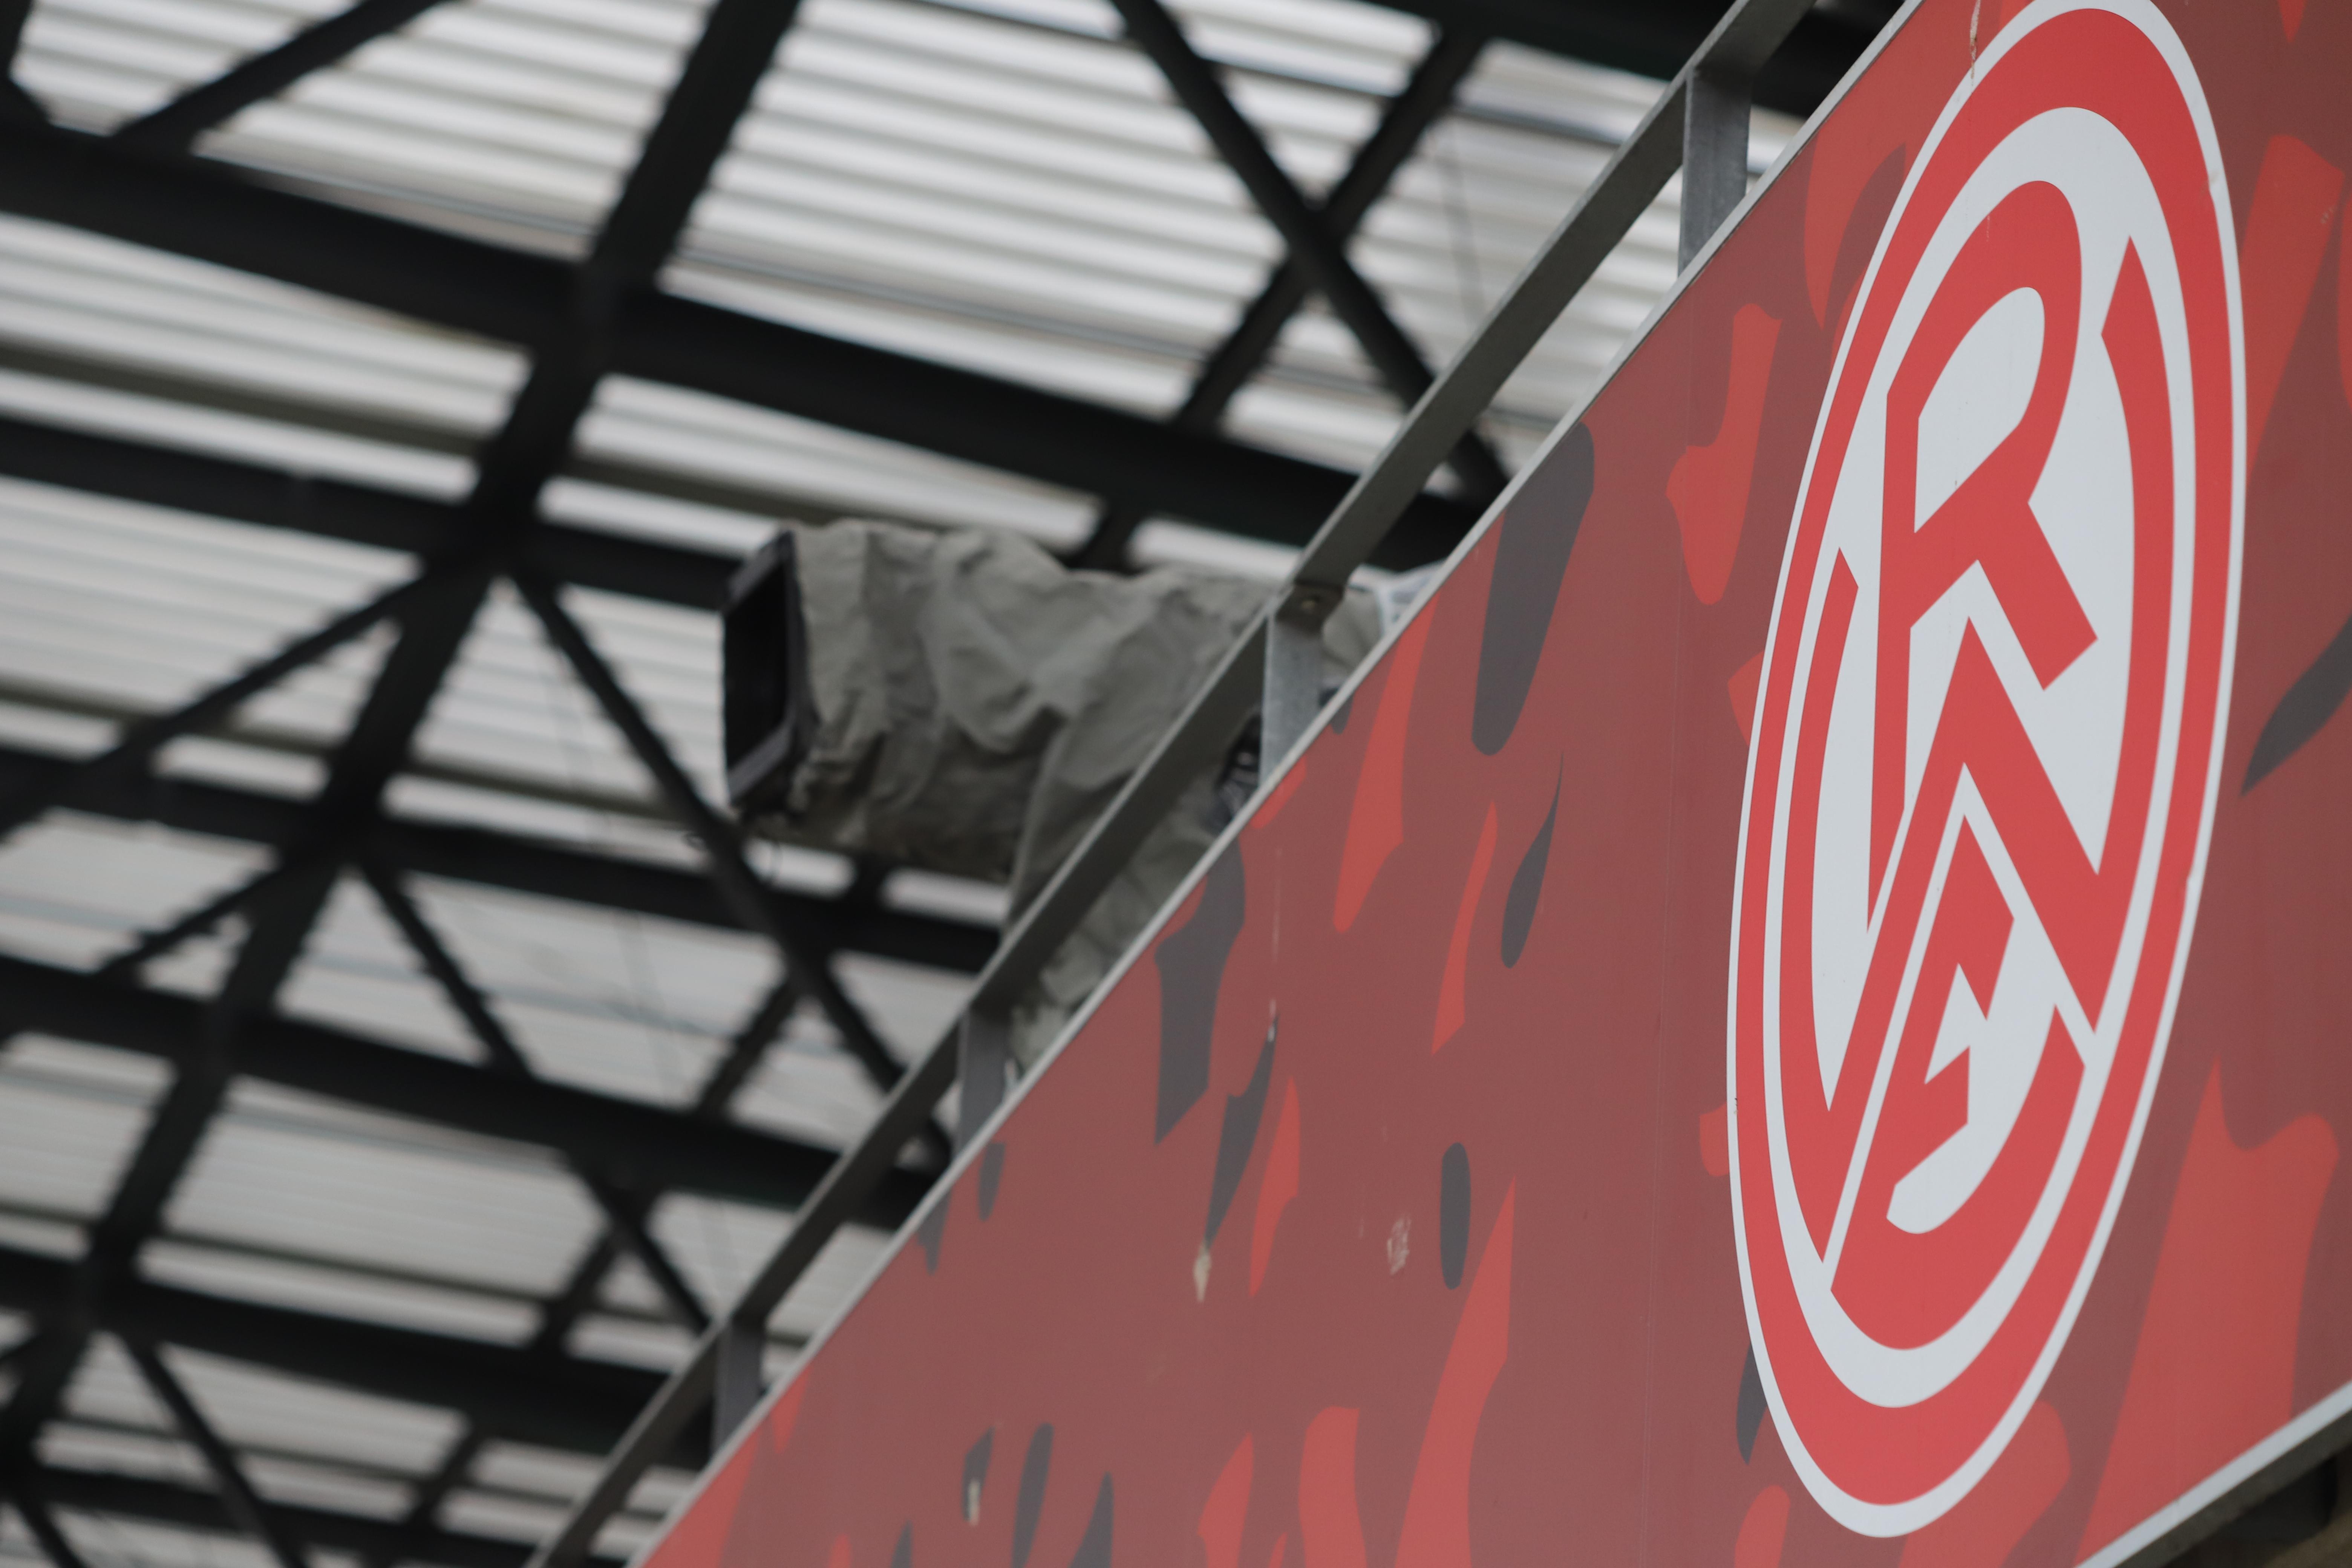 Der Pay-TV-Sender Sky Sport überträgt das Duell gegen die Störche live im TV. (Foto: Poerting/RWE)